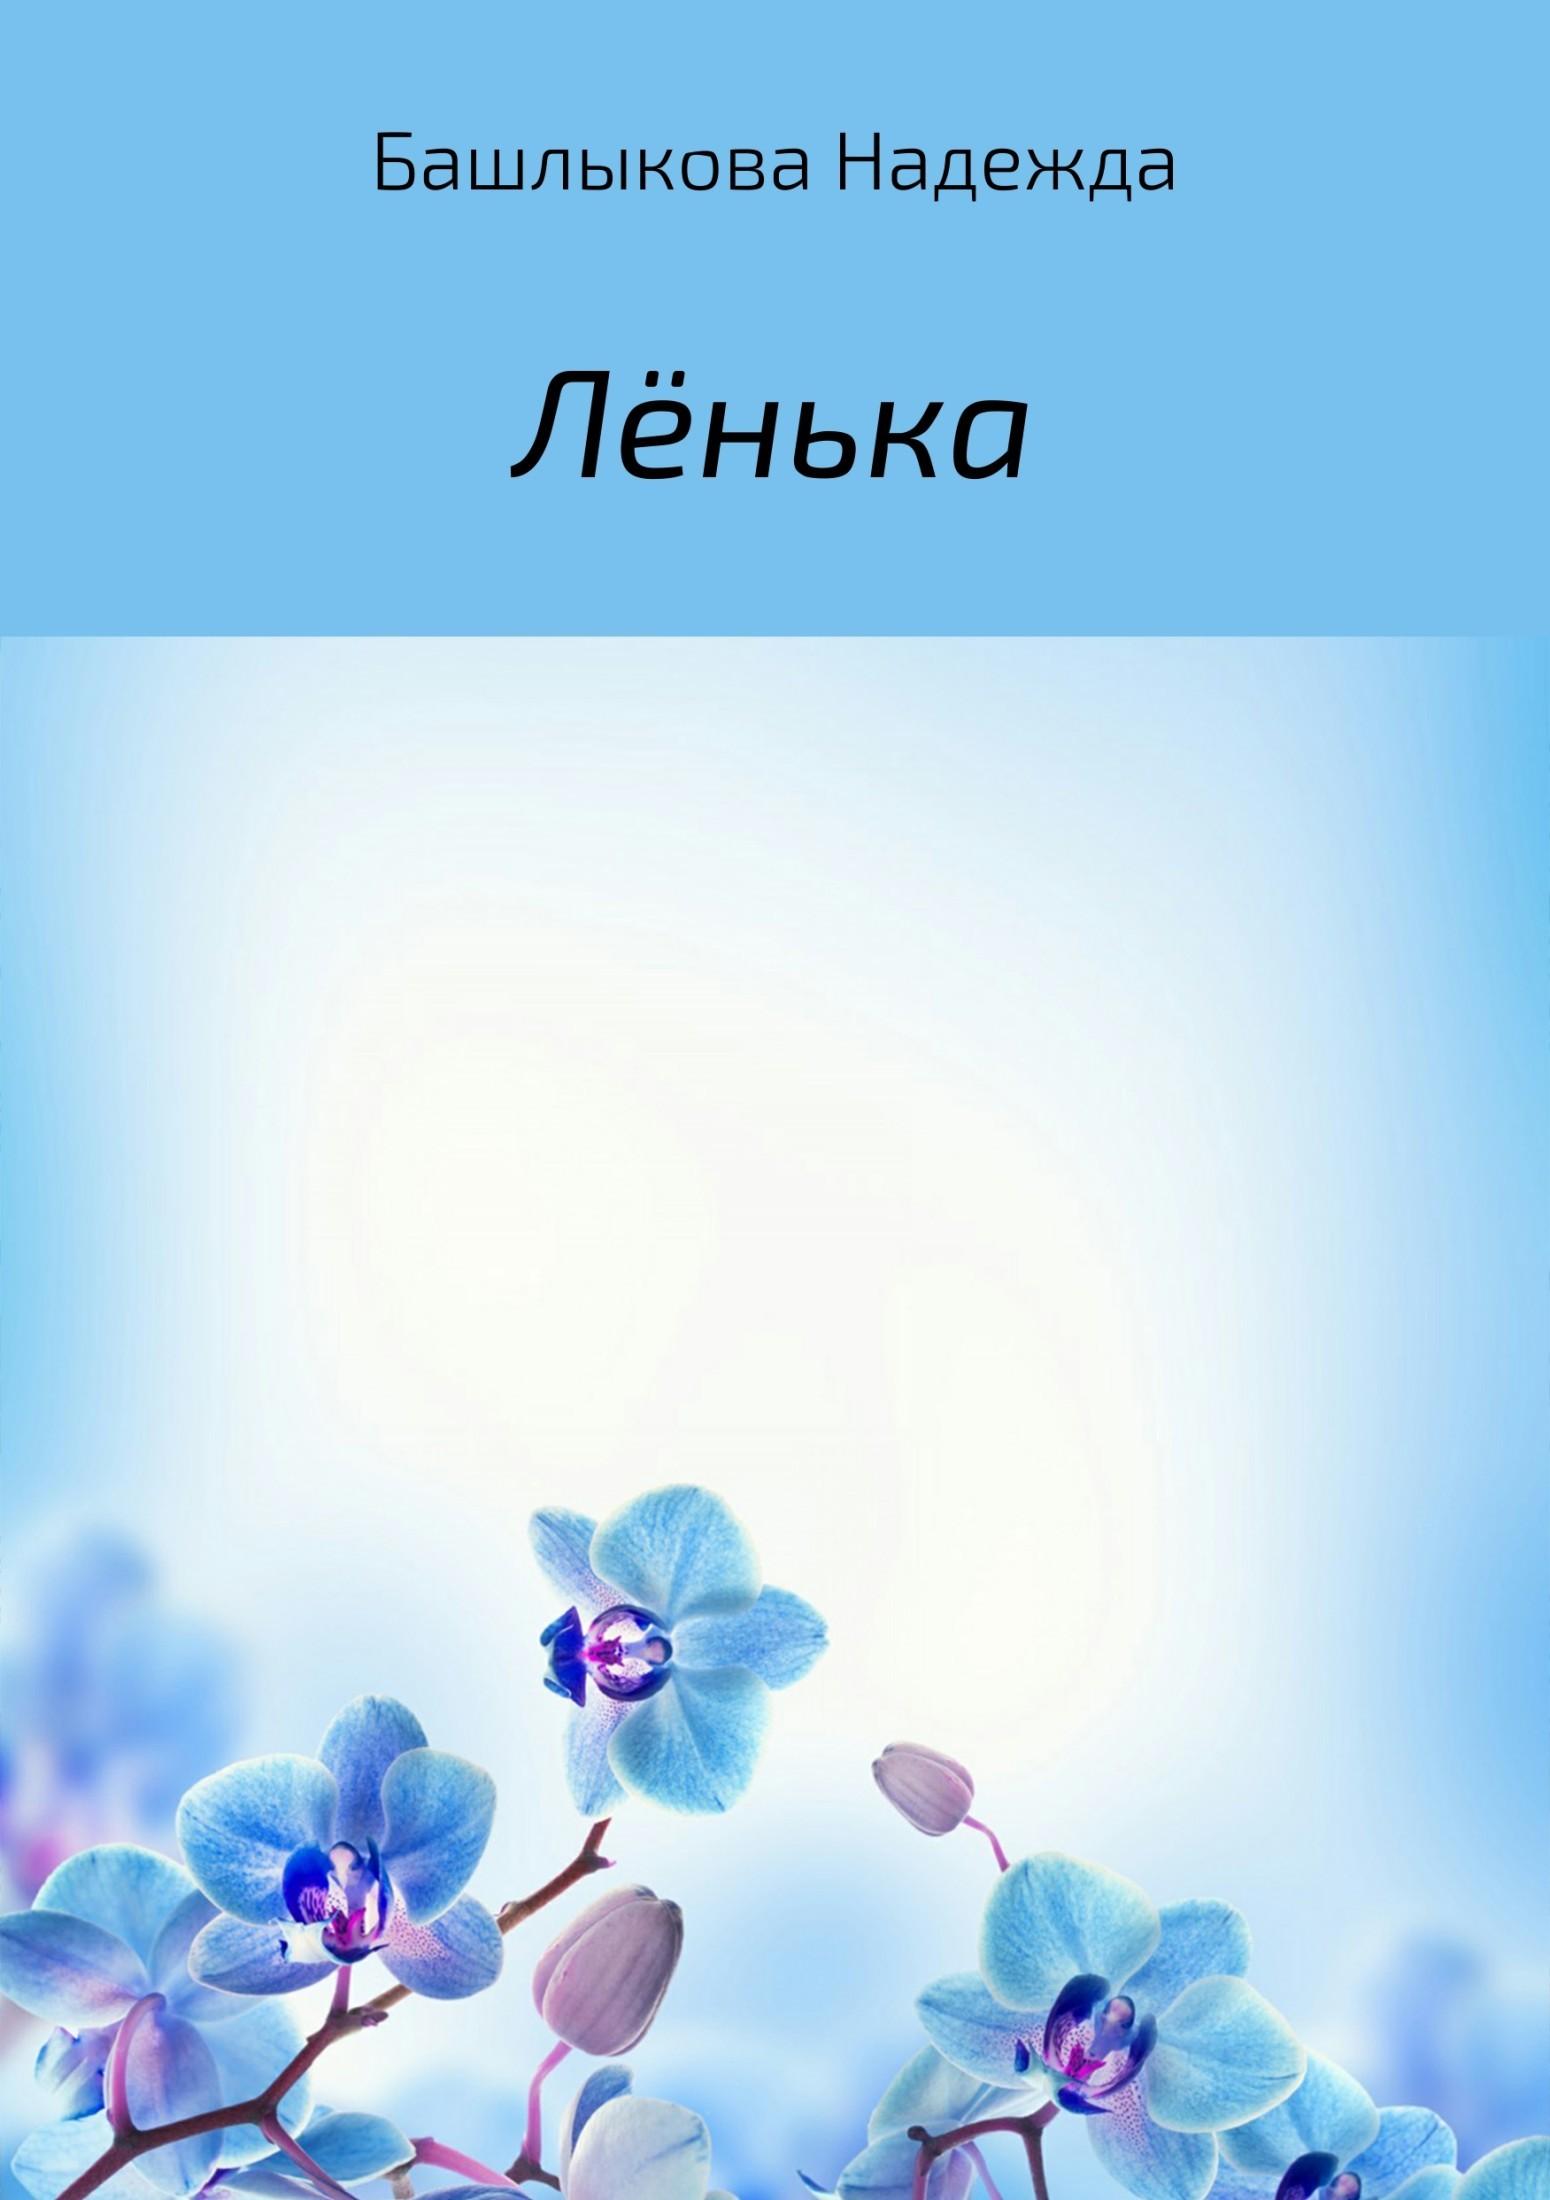 Надежда Викторовна Башлыкова бесплатно